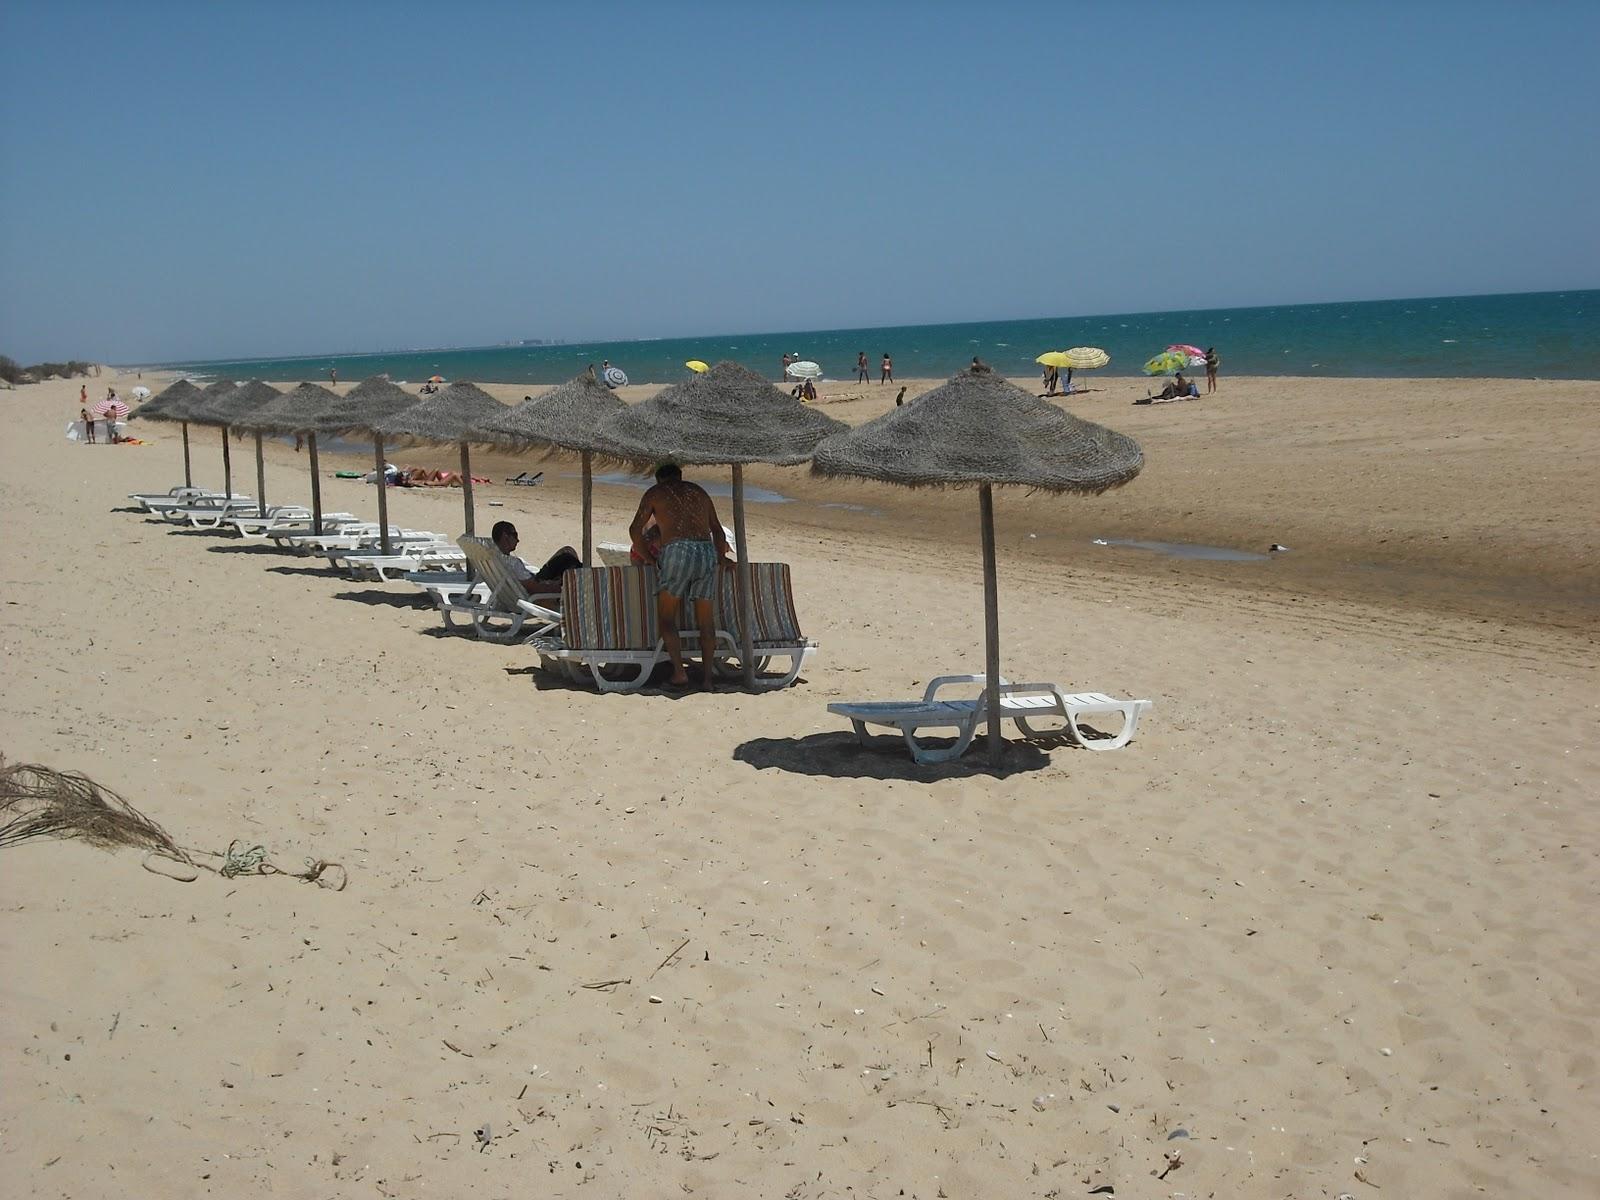 Playas de lepe hamacas y sombrillas hamacas sombrillas - Hamacas de playa ...